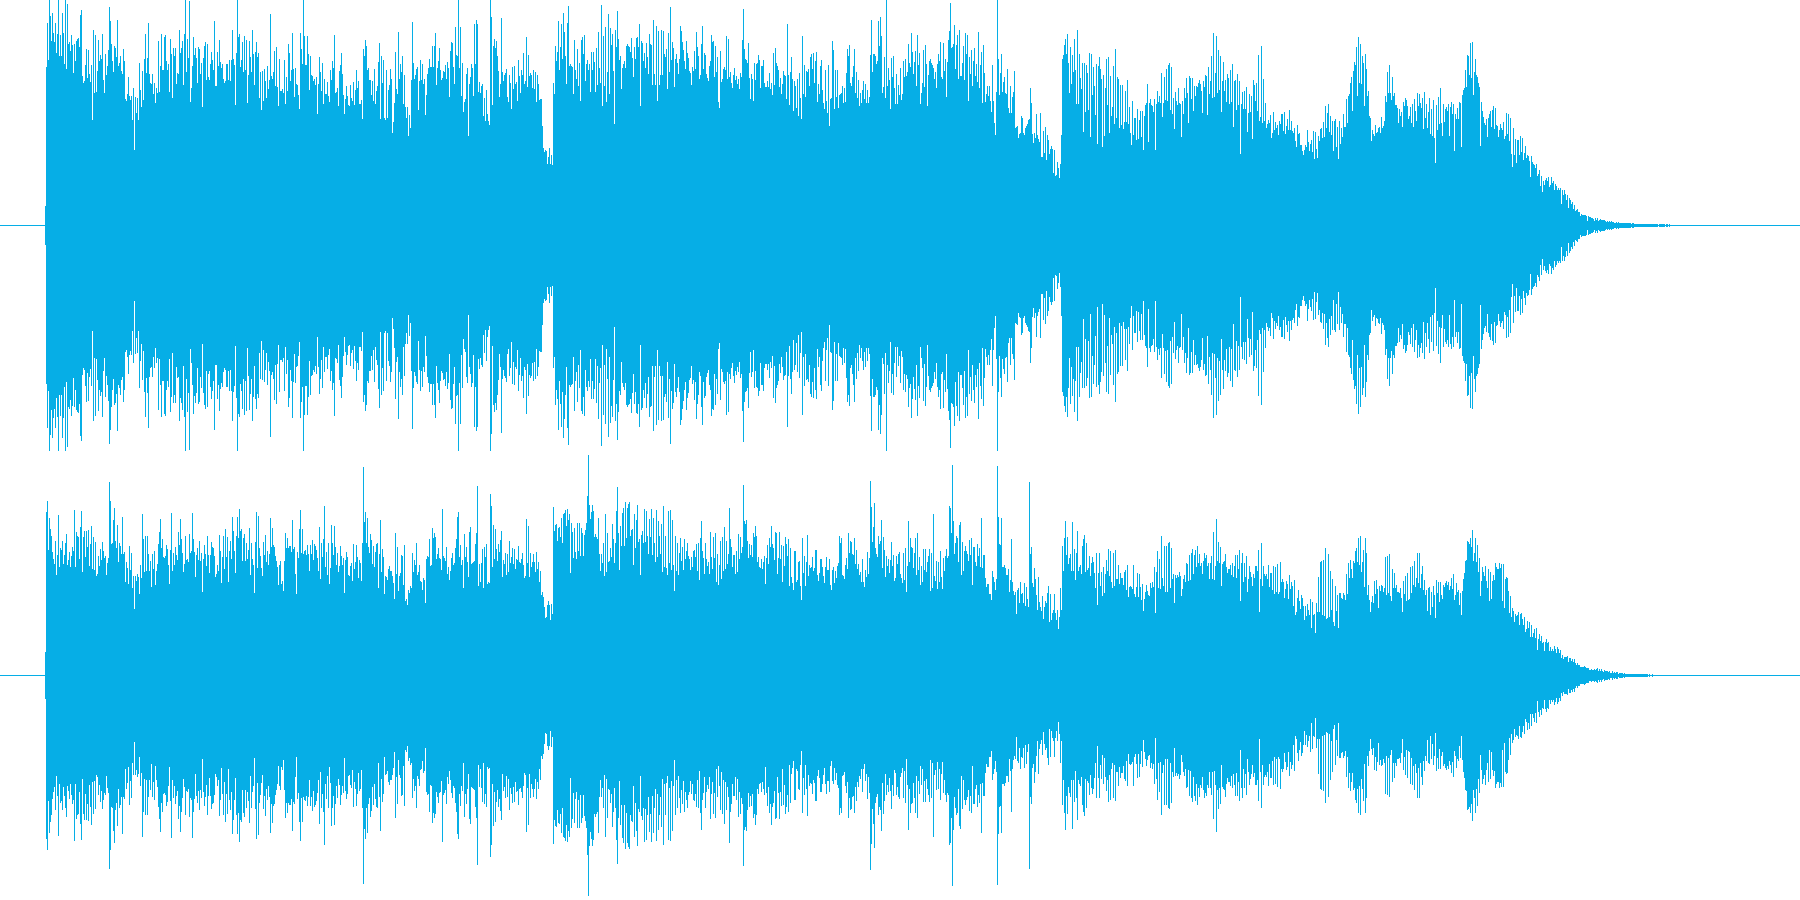 近未来や宇宙感のあるシンセサウンド短めの再生済みの波形